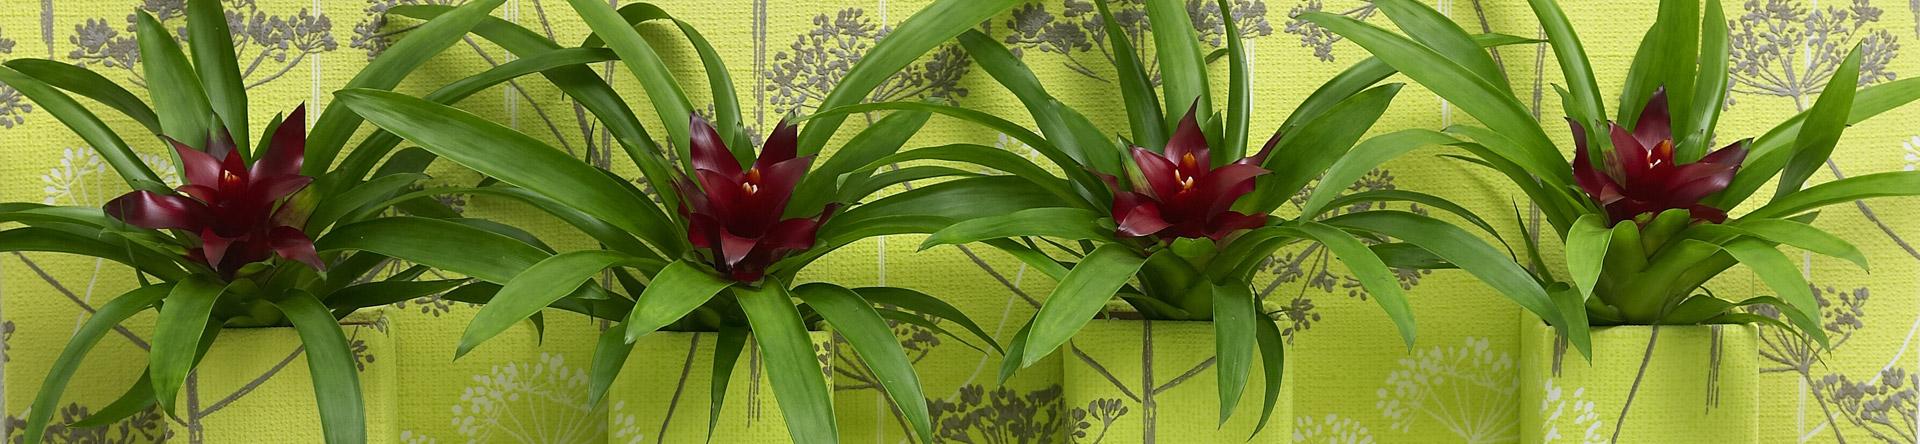 Le origini tropicali della Bromelia la rendono una pianta incredibilmente resistente.